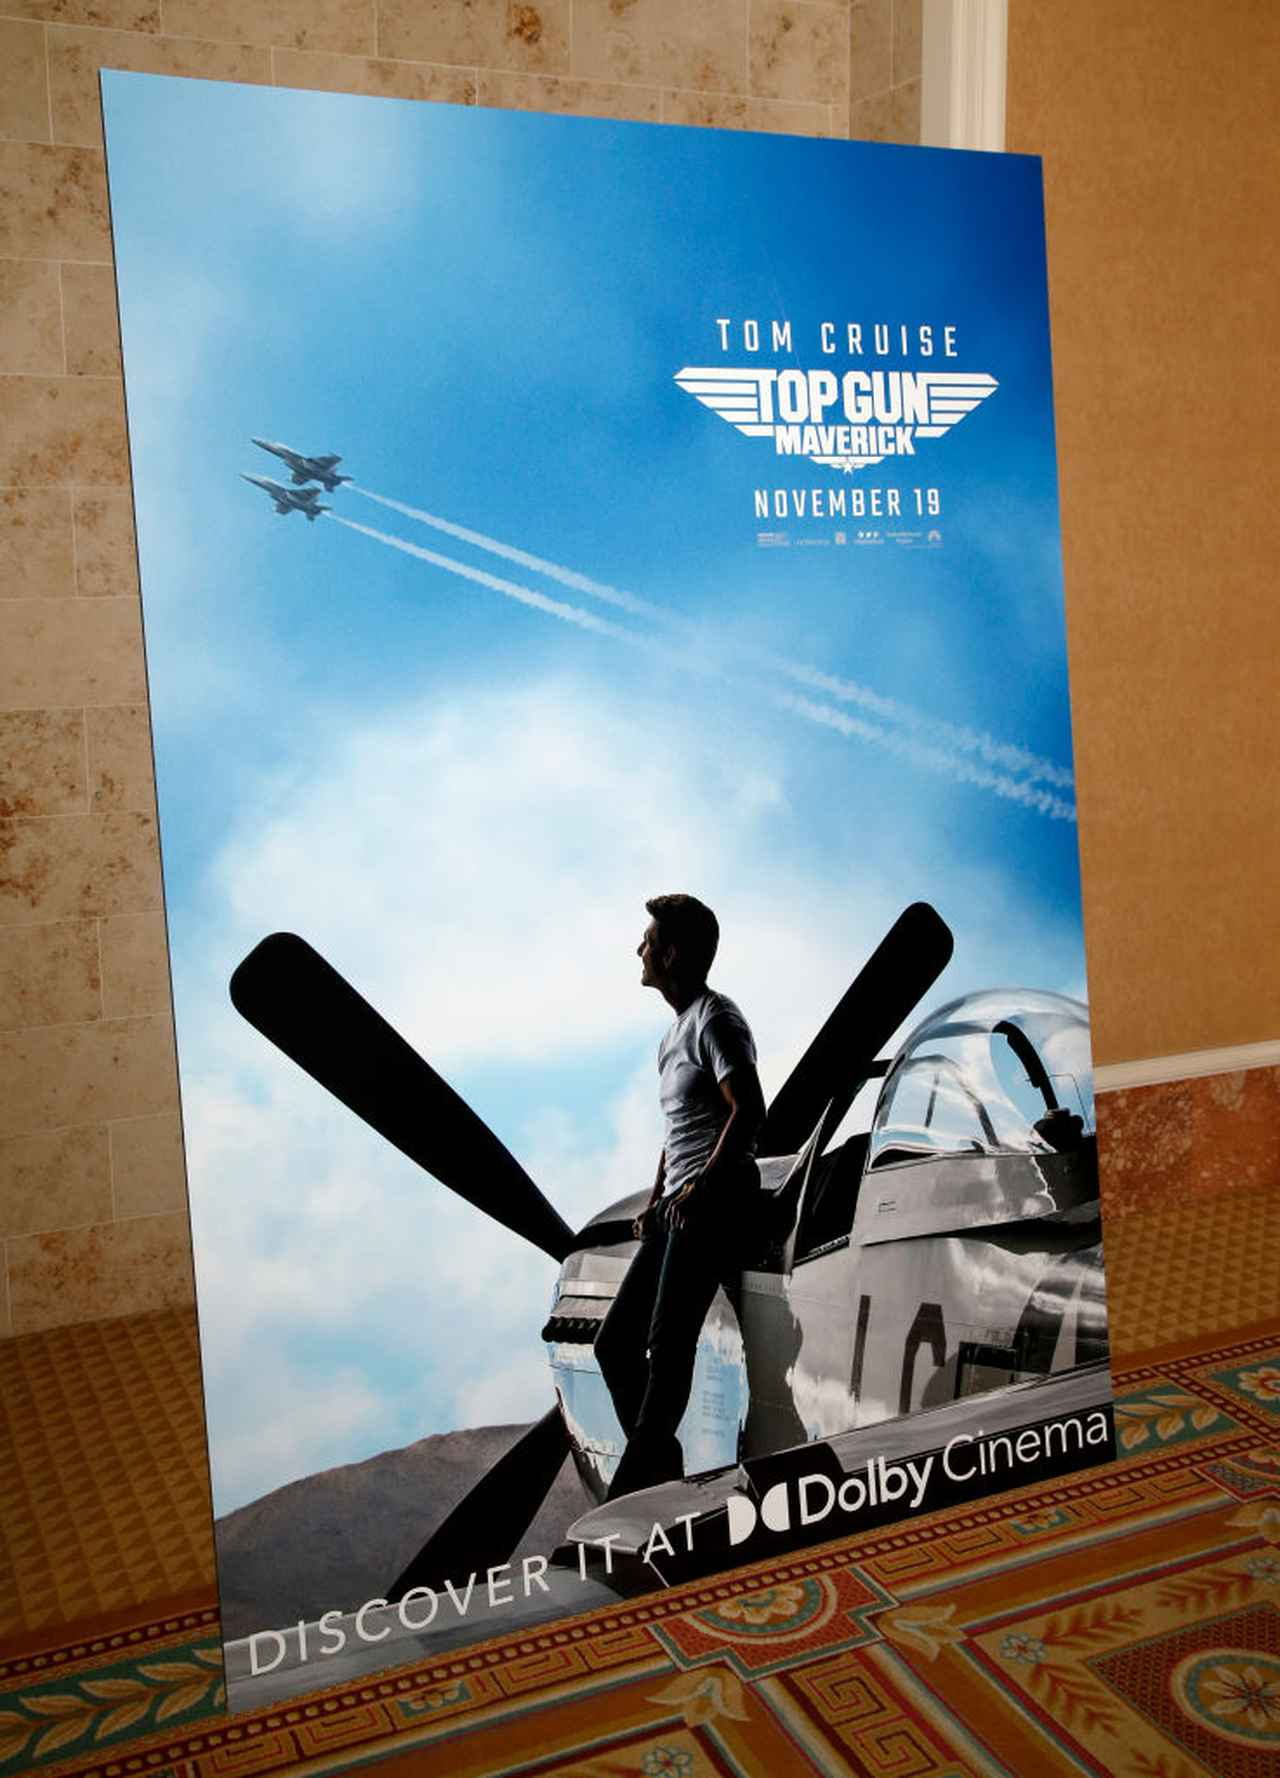 画像: CinemaCon2021の会場に置かれた、『トップガン マーヴェリック』のポスター。